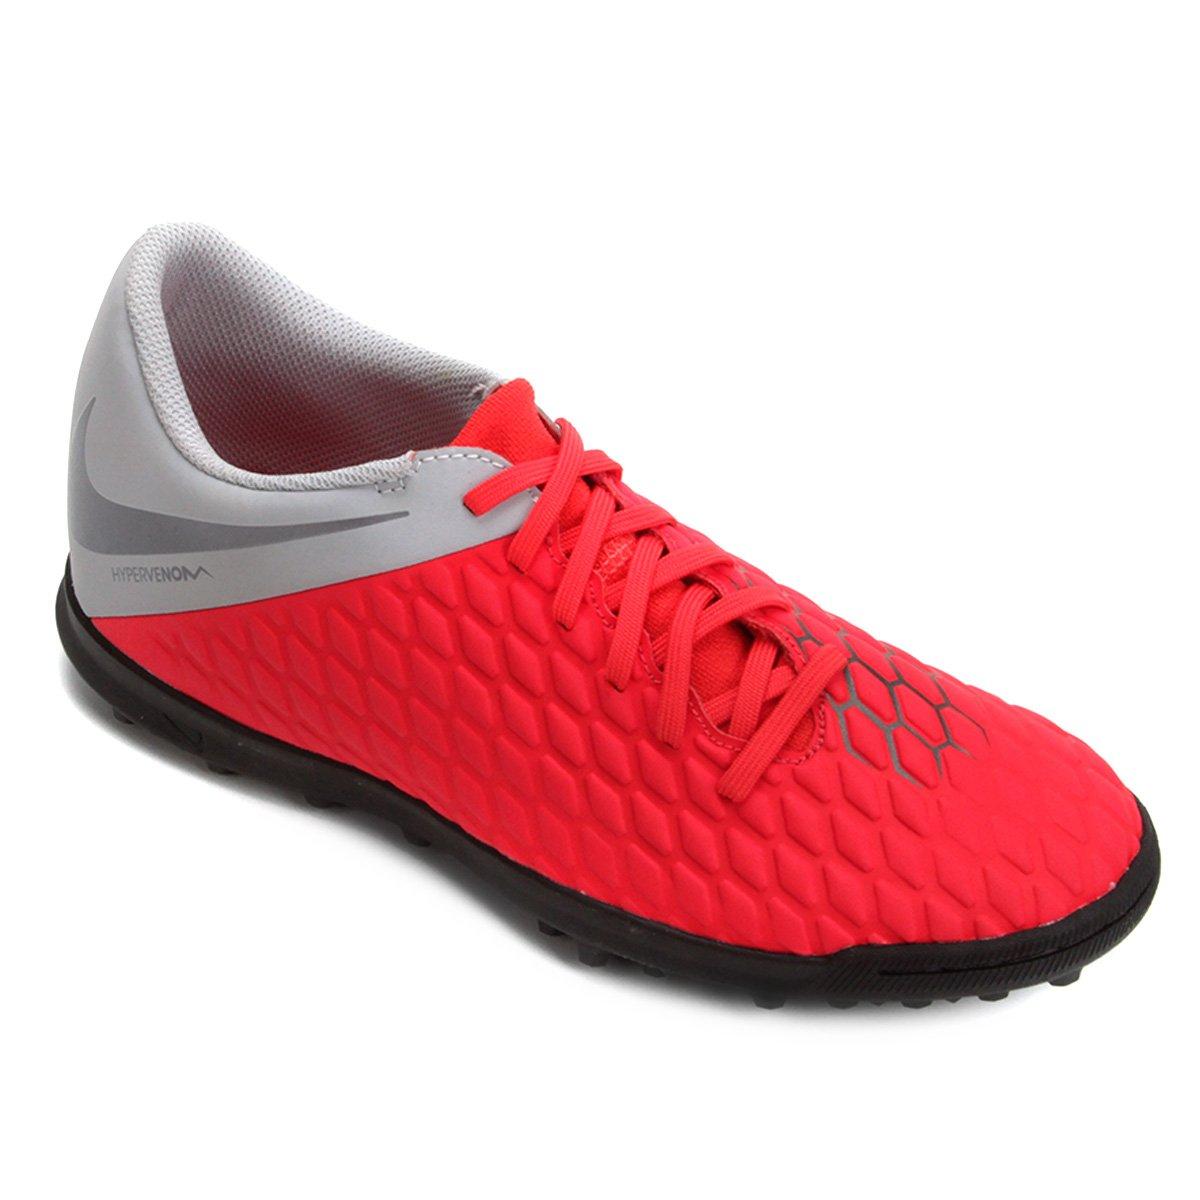 7b918723e9 Chuteira Society Nike Hypervenom Phantom 3 Club TF - Vermelho e Cinza